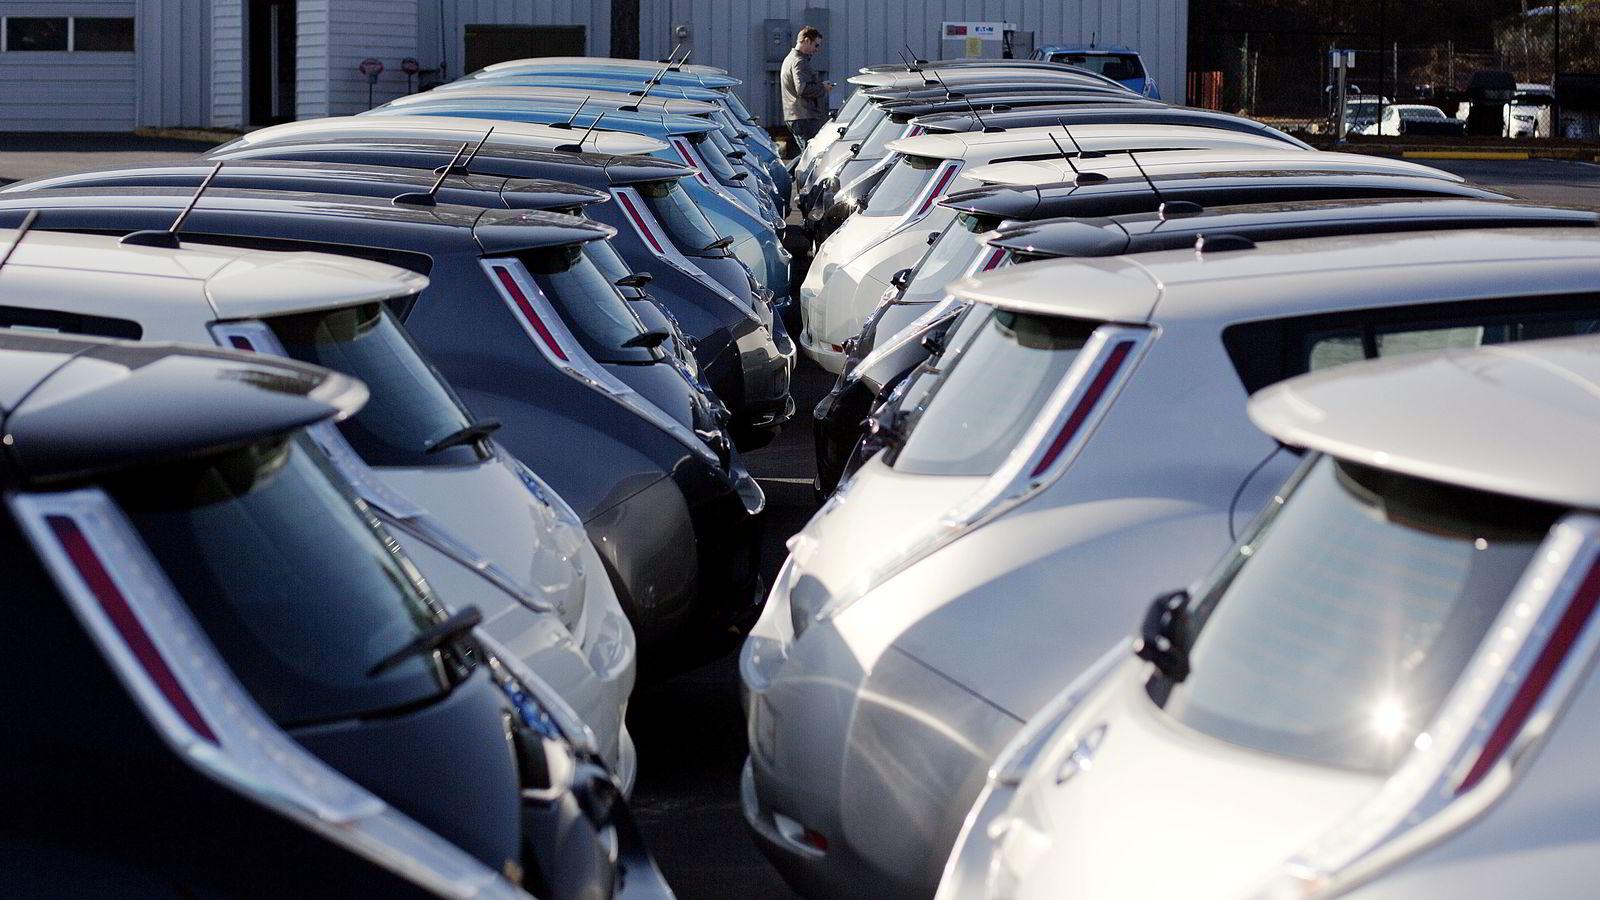 Støtteordninger som favoriserer nye elbiler gjør at forhandlere ikke blir kvitt biler som nå går av leasingkontrakter. Her nye Nissan Leaf utstilt hos en forhandler i Roswell, Georgia 5. februar. Foto: AP Photo/David Goldman